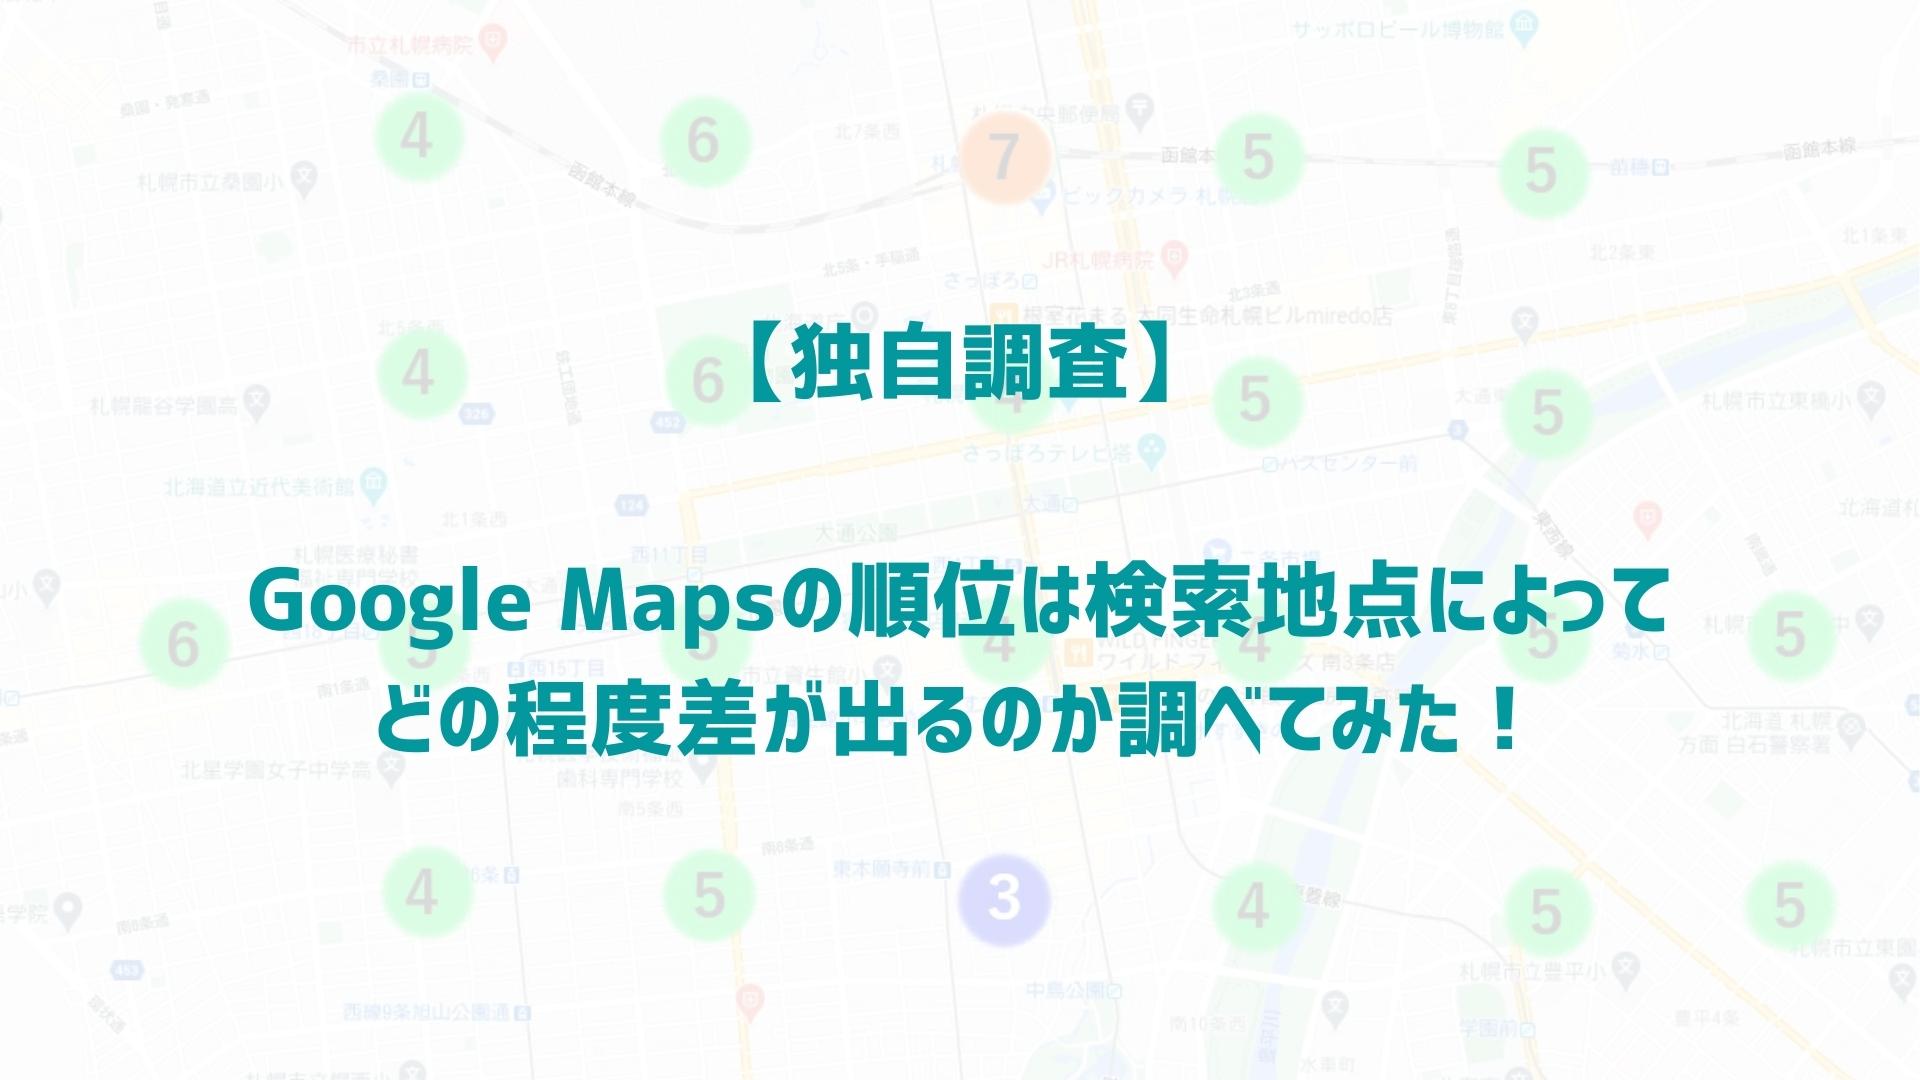 【独自調査】Google Mapsの順位は検索地点によってどの程度差が出るのか調べてみた!